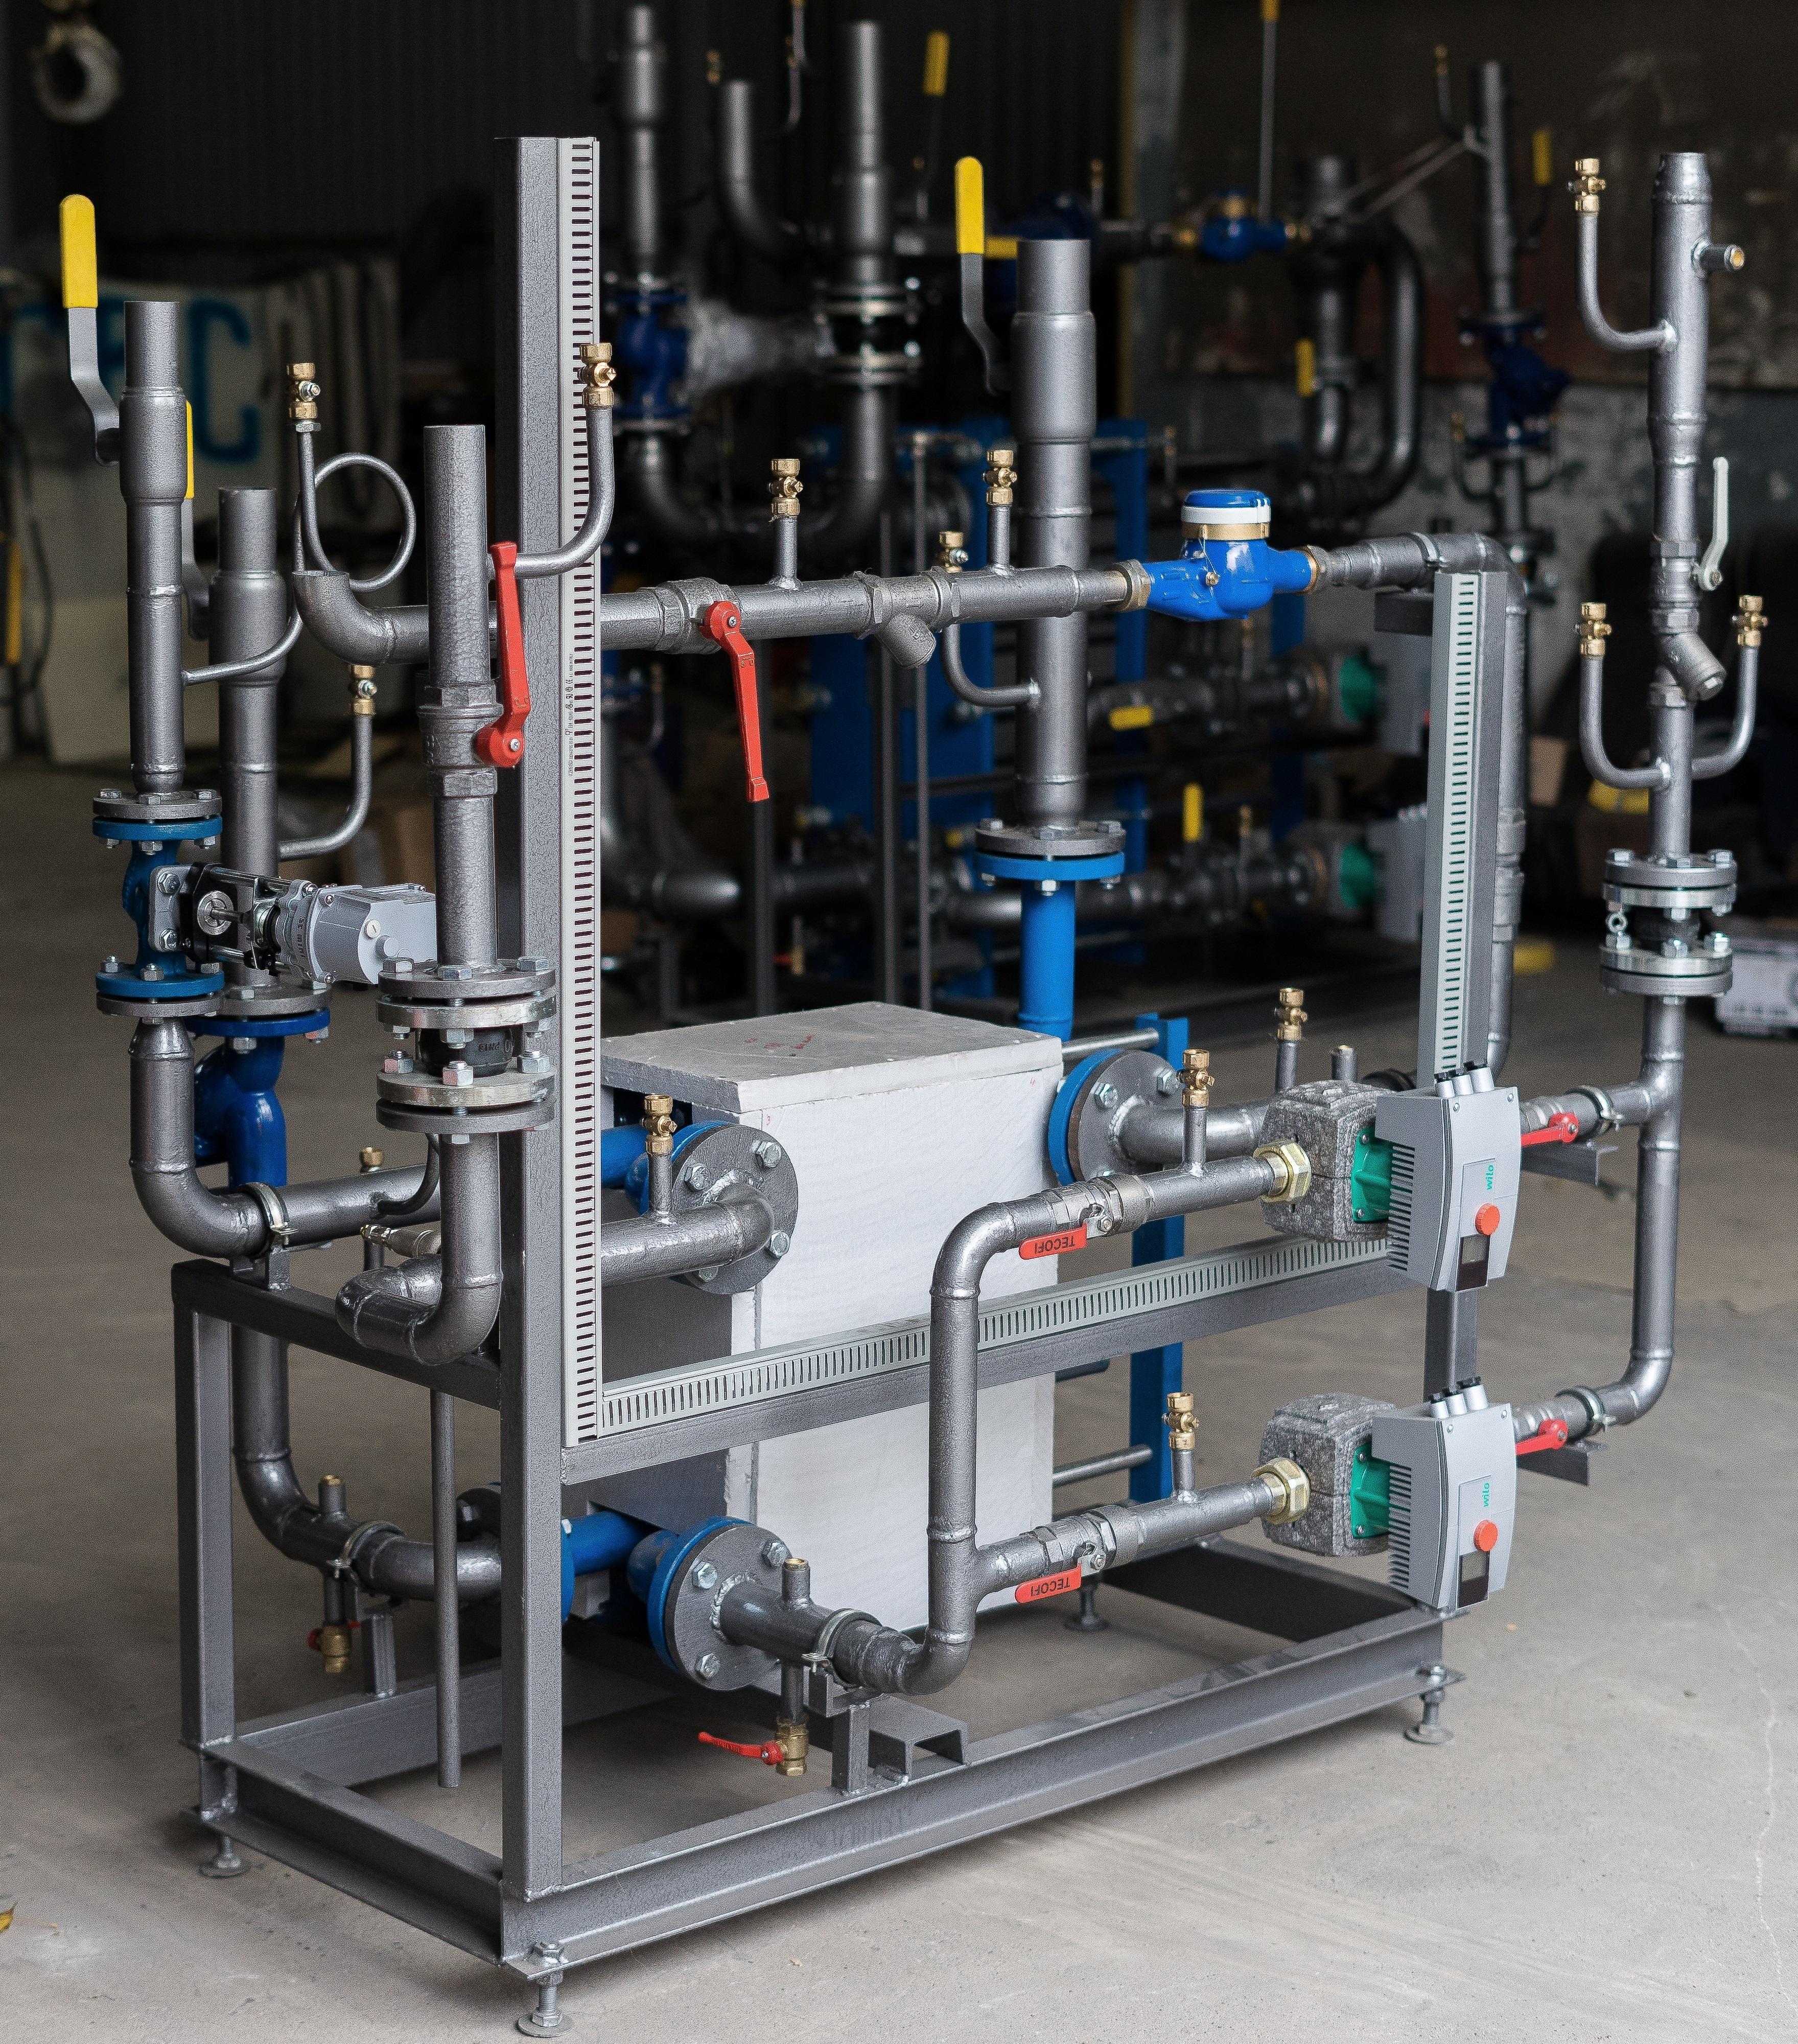 Особенности учета тепловой энергии систем теплоснабжения с использованием итп